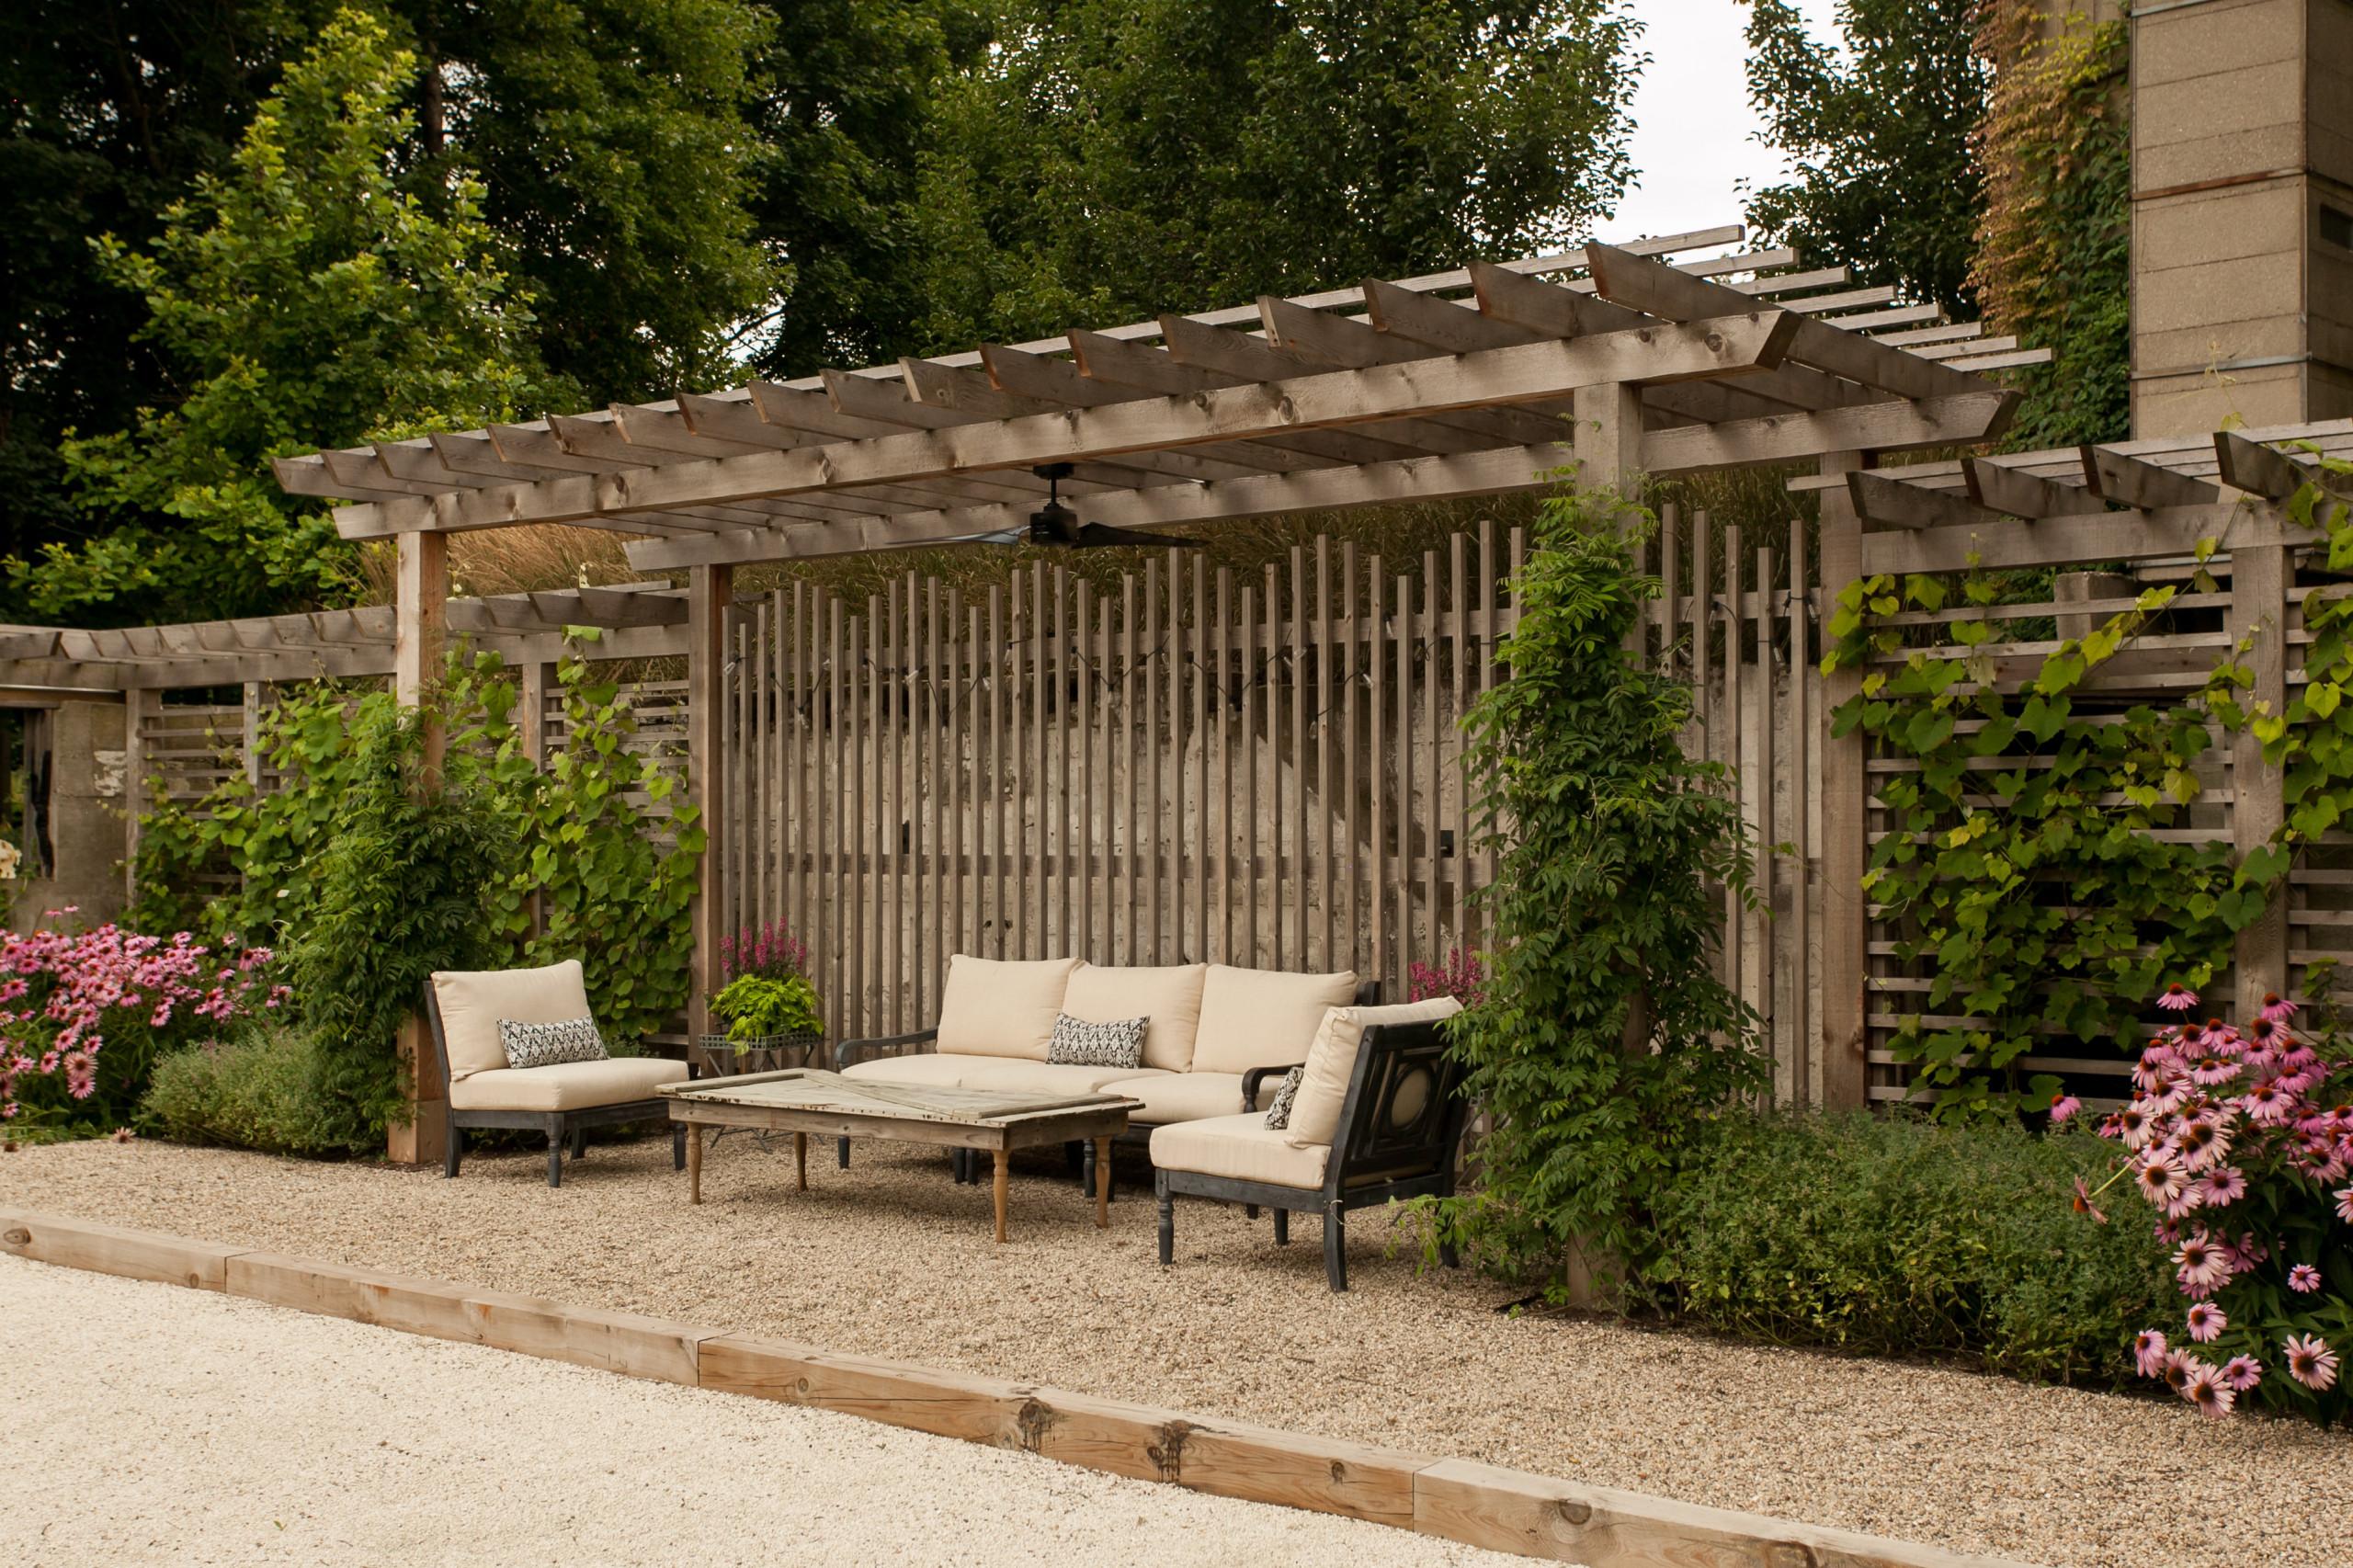 Design/ Build- Rustic Retreat